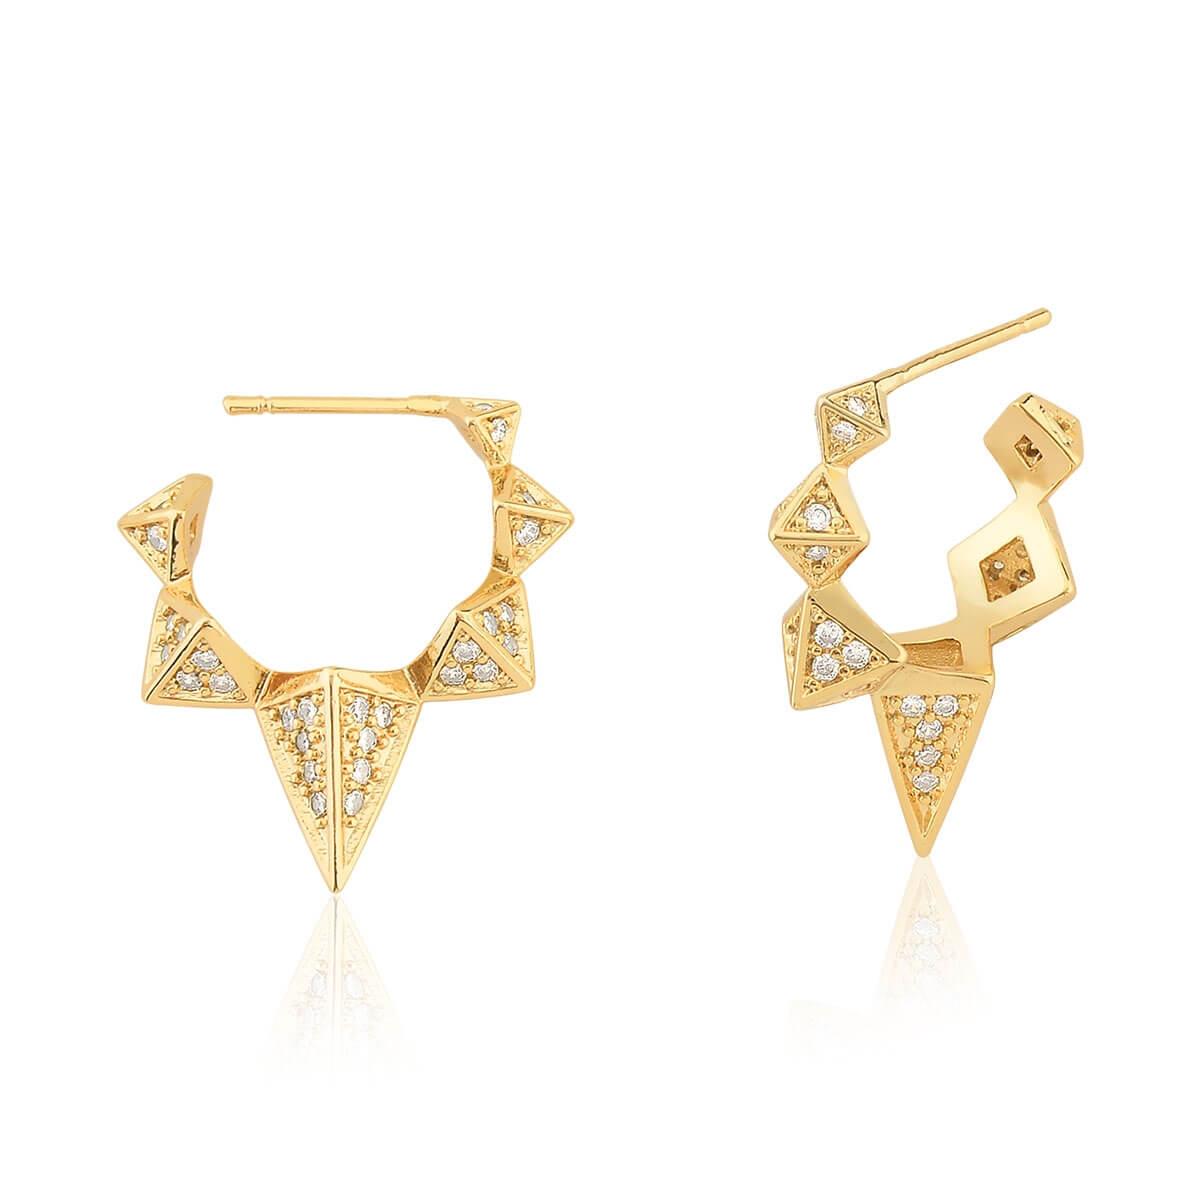 Meia Argola com triângulos com zircônias cravejadas banhada em ouro